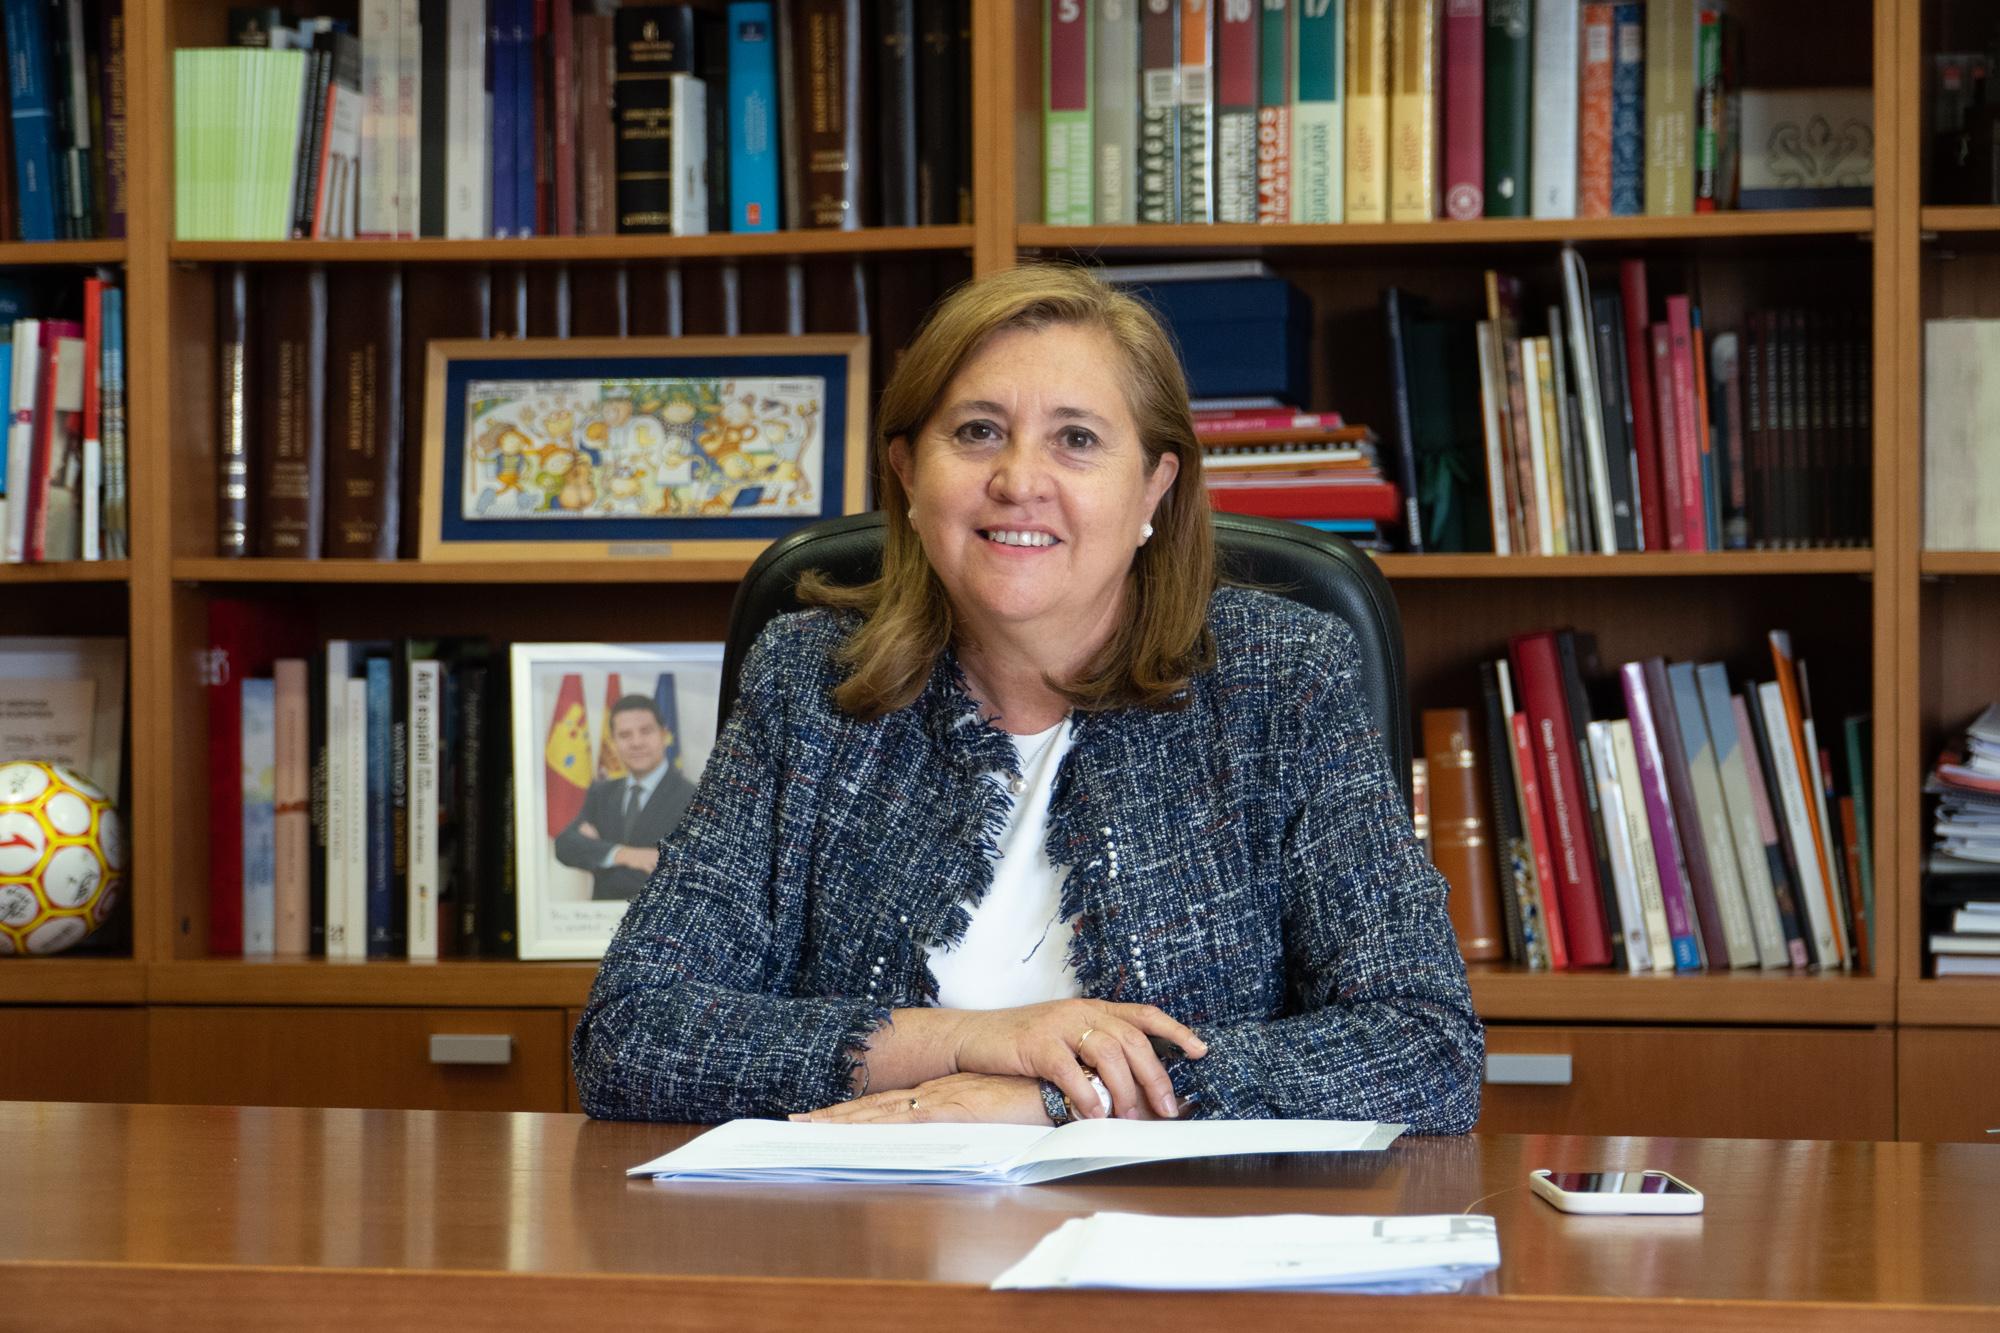 Artículo de la consejera de Educación, Cultura y Deportes, Rosa Ana Rodríguez, con motivo del Día Internacional de las Bibliotecas